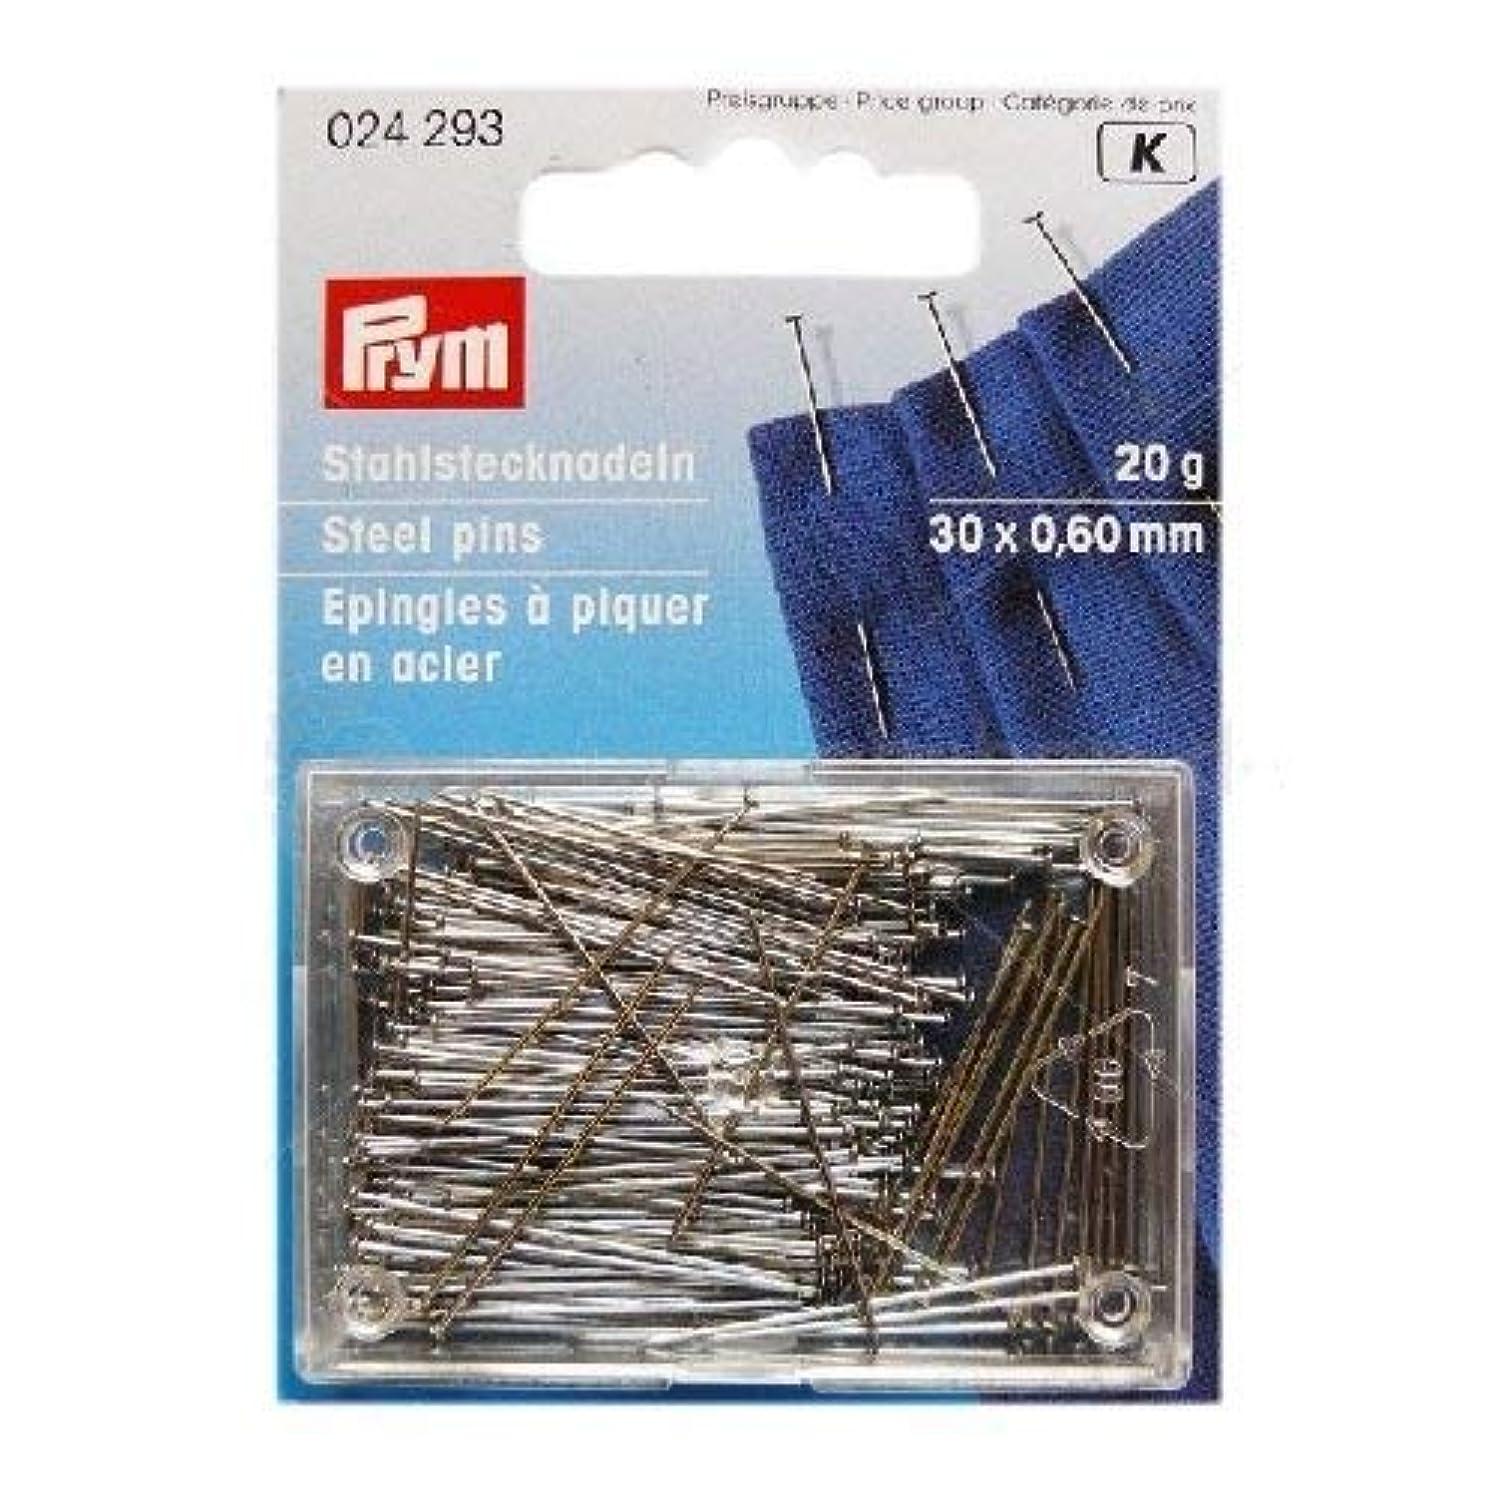 PRYM 024293 Straight pins No. 6 EF, 30x0,60mm 20g box